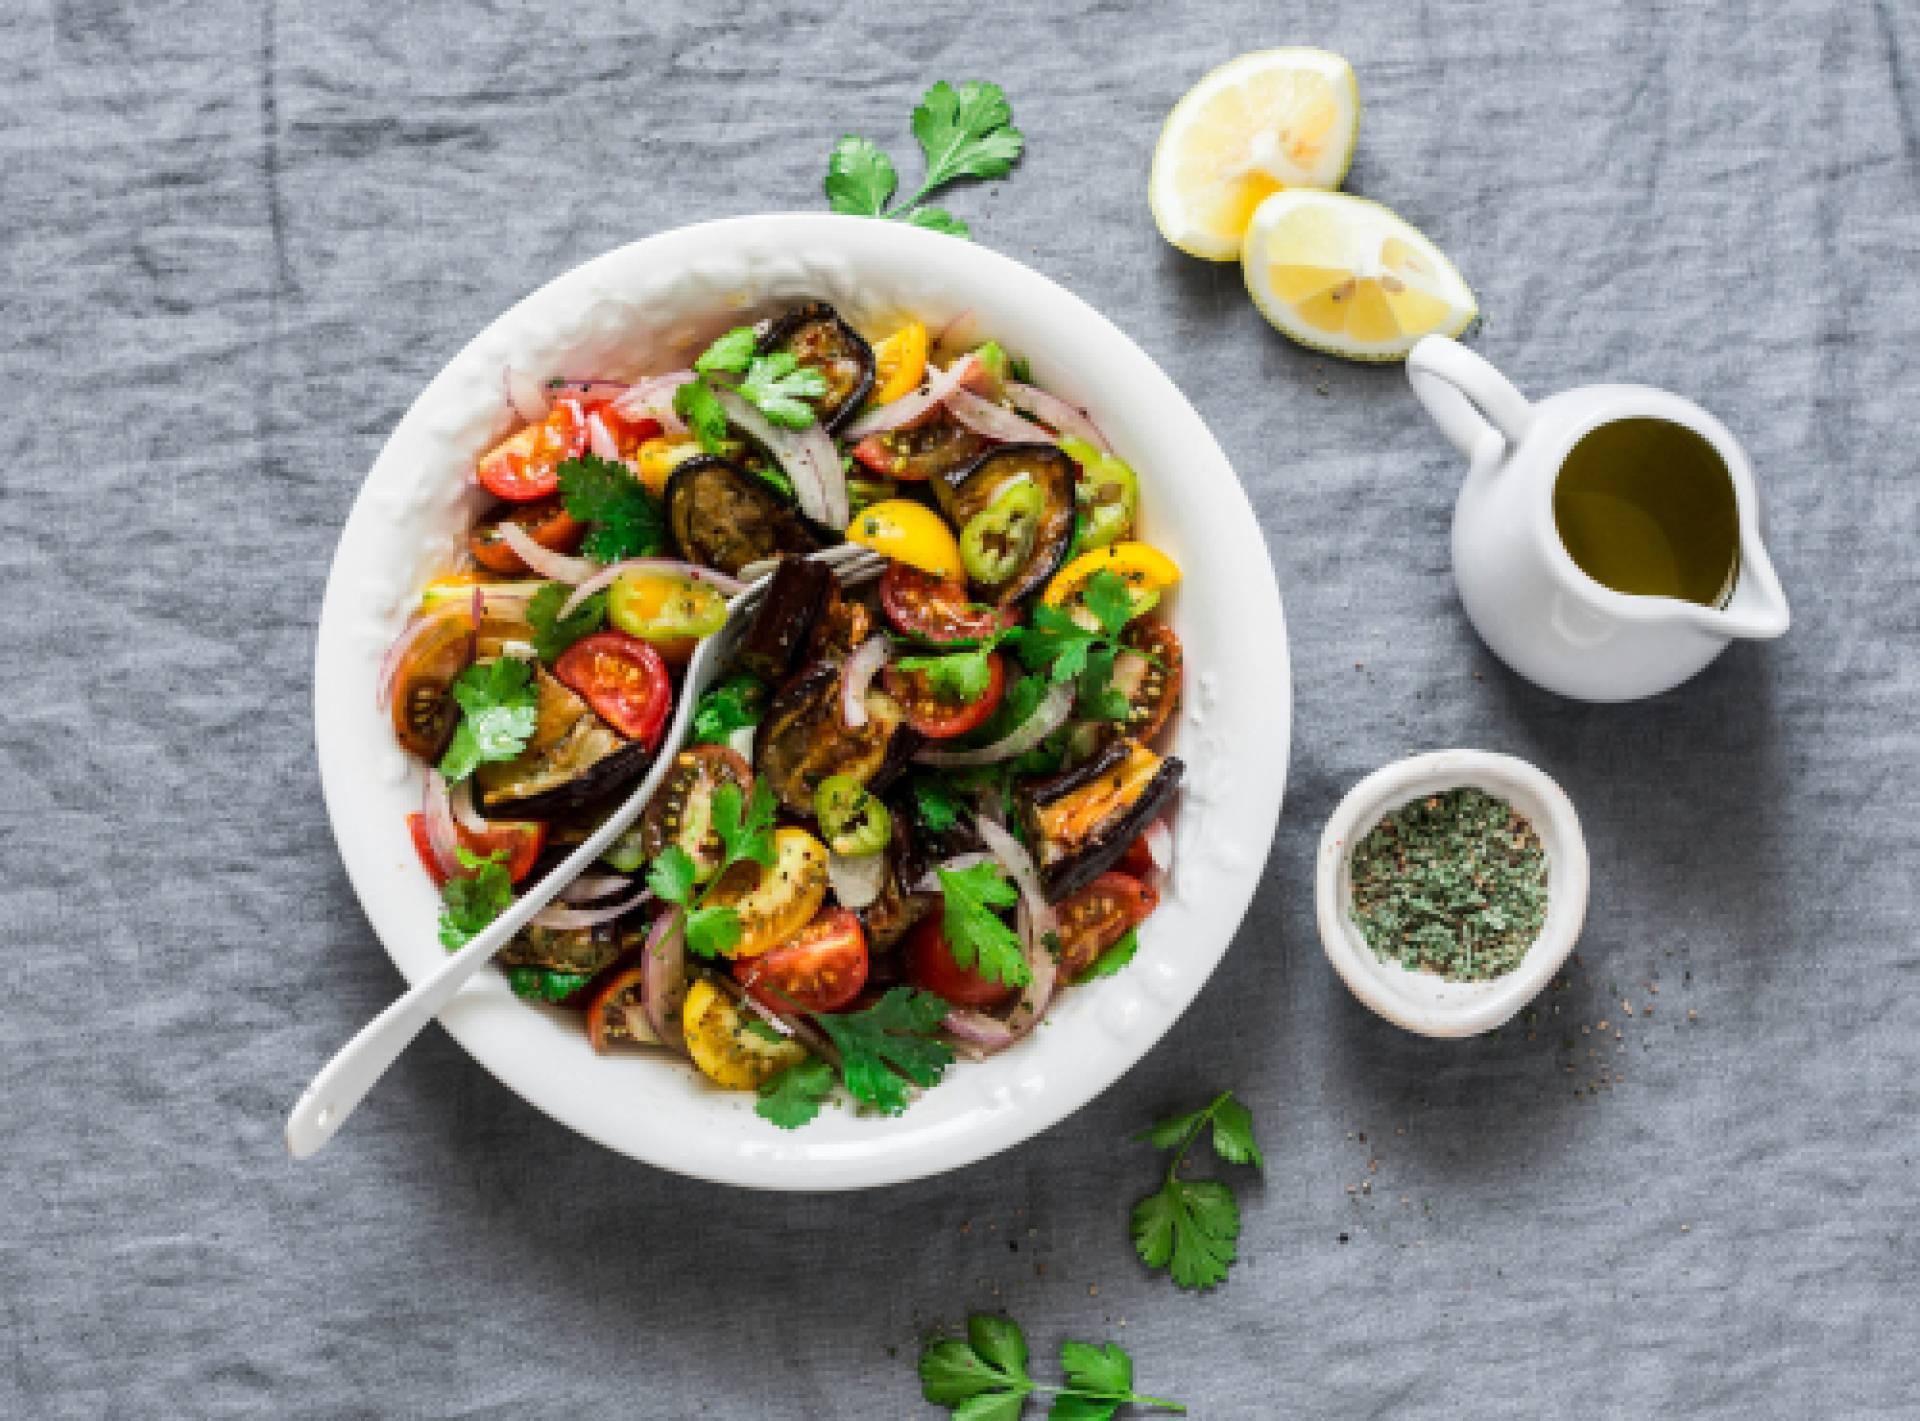 Marinated Eggplant Salad-add on